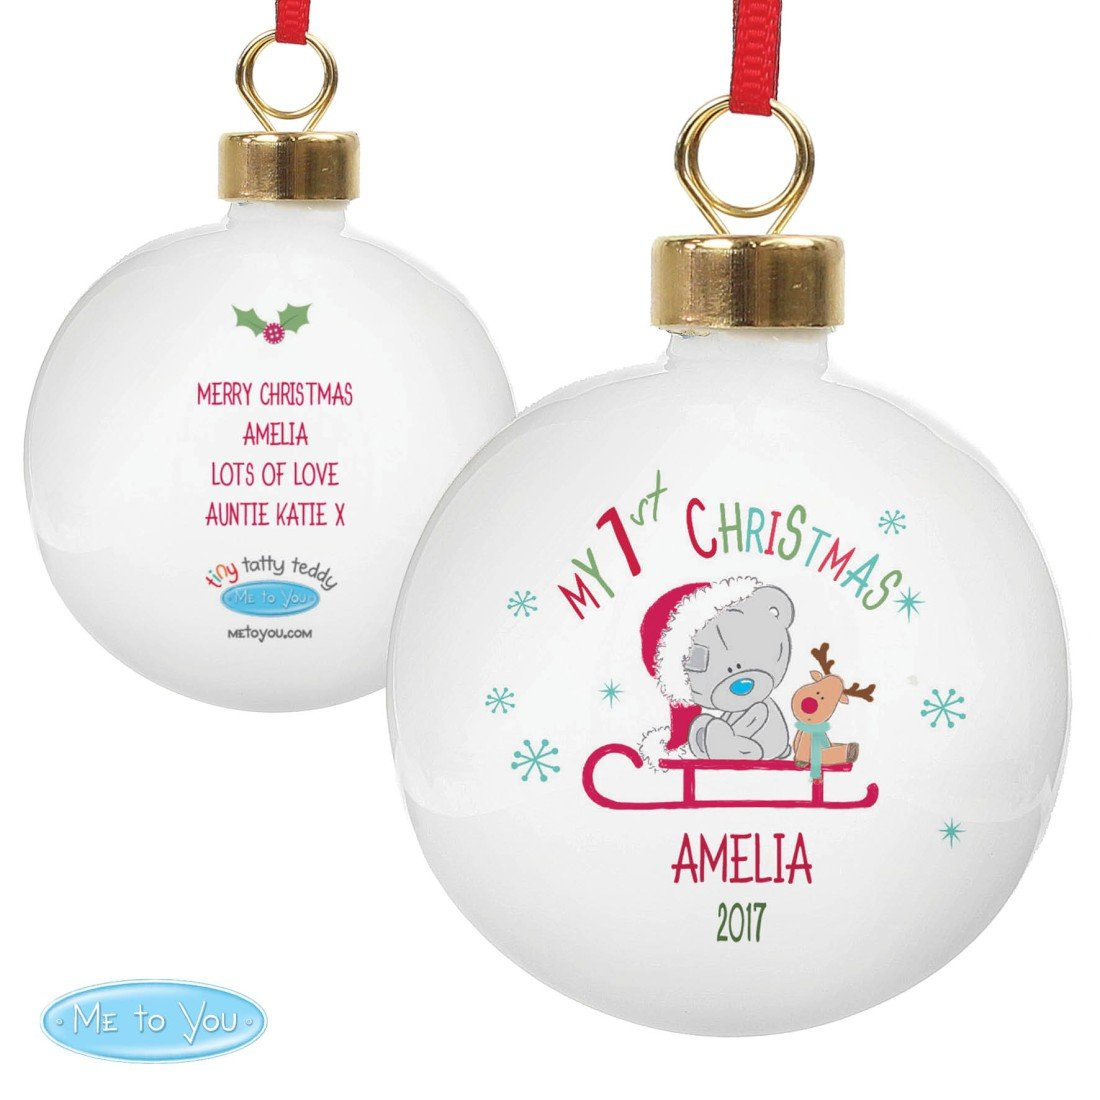 """Personalisierbare Weihnachtskugel Tiny Tatty Teddy """"My 1st Christmas Sleigh"""" - Die perfekte Art und Weise, das erste Weihnachten Ihres Jüngsten zu feiern. pmc"""